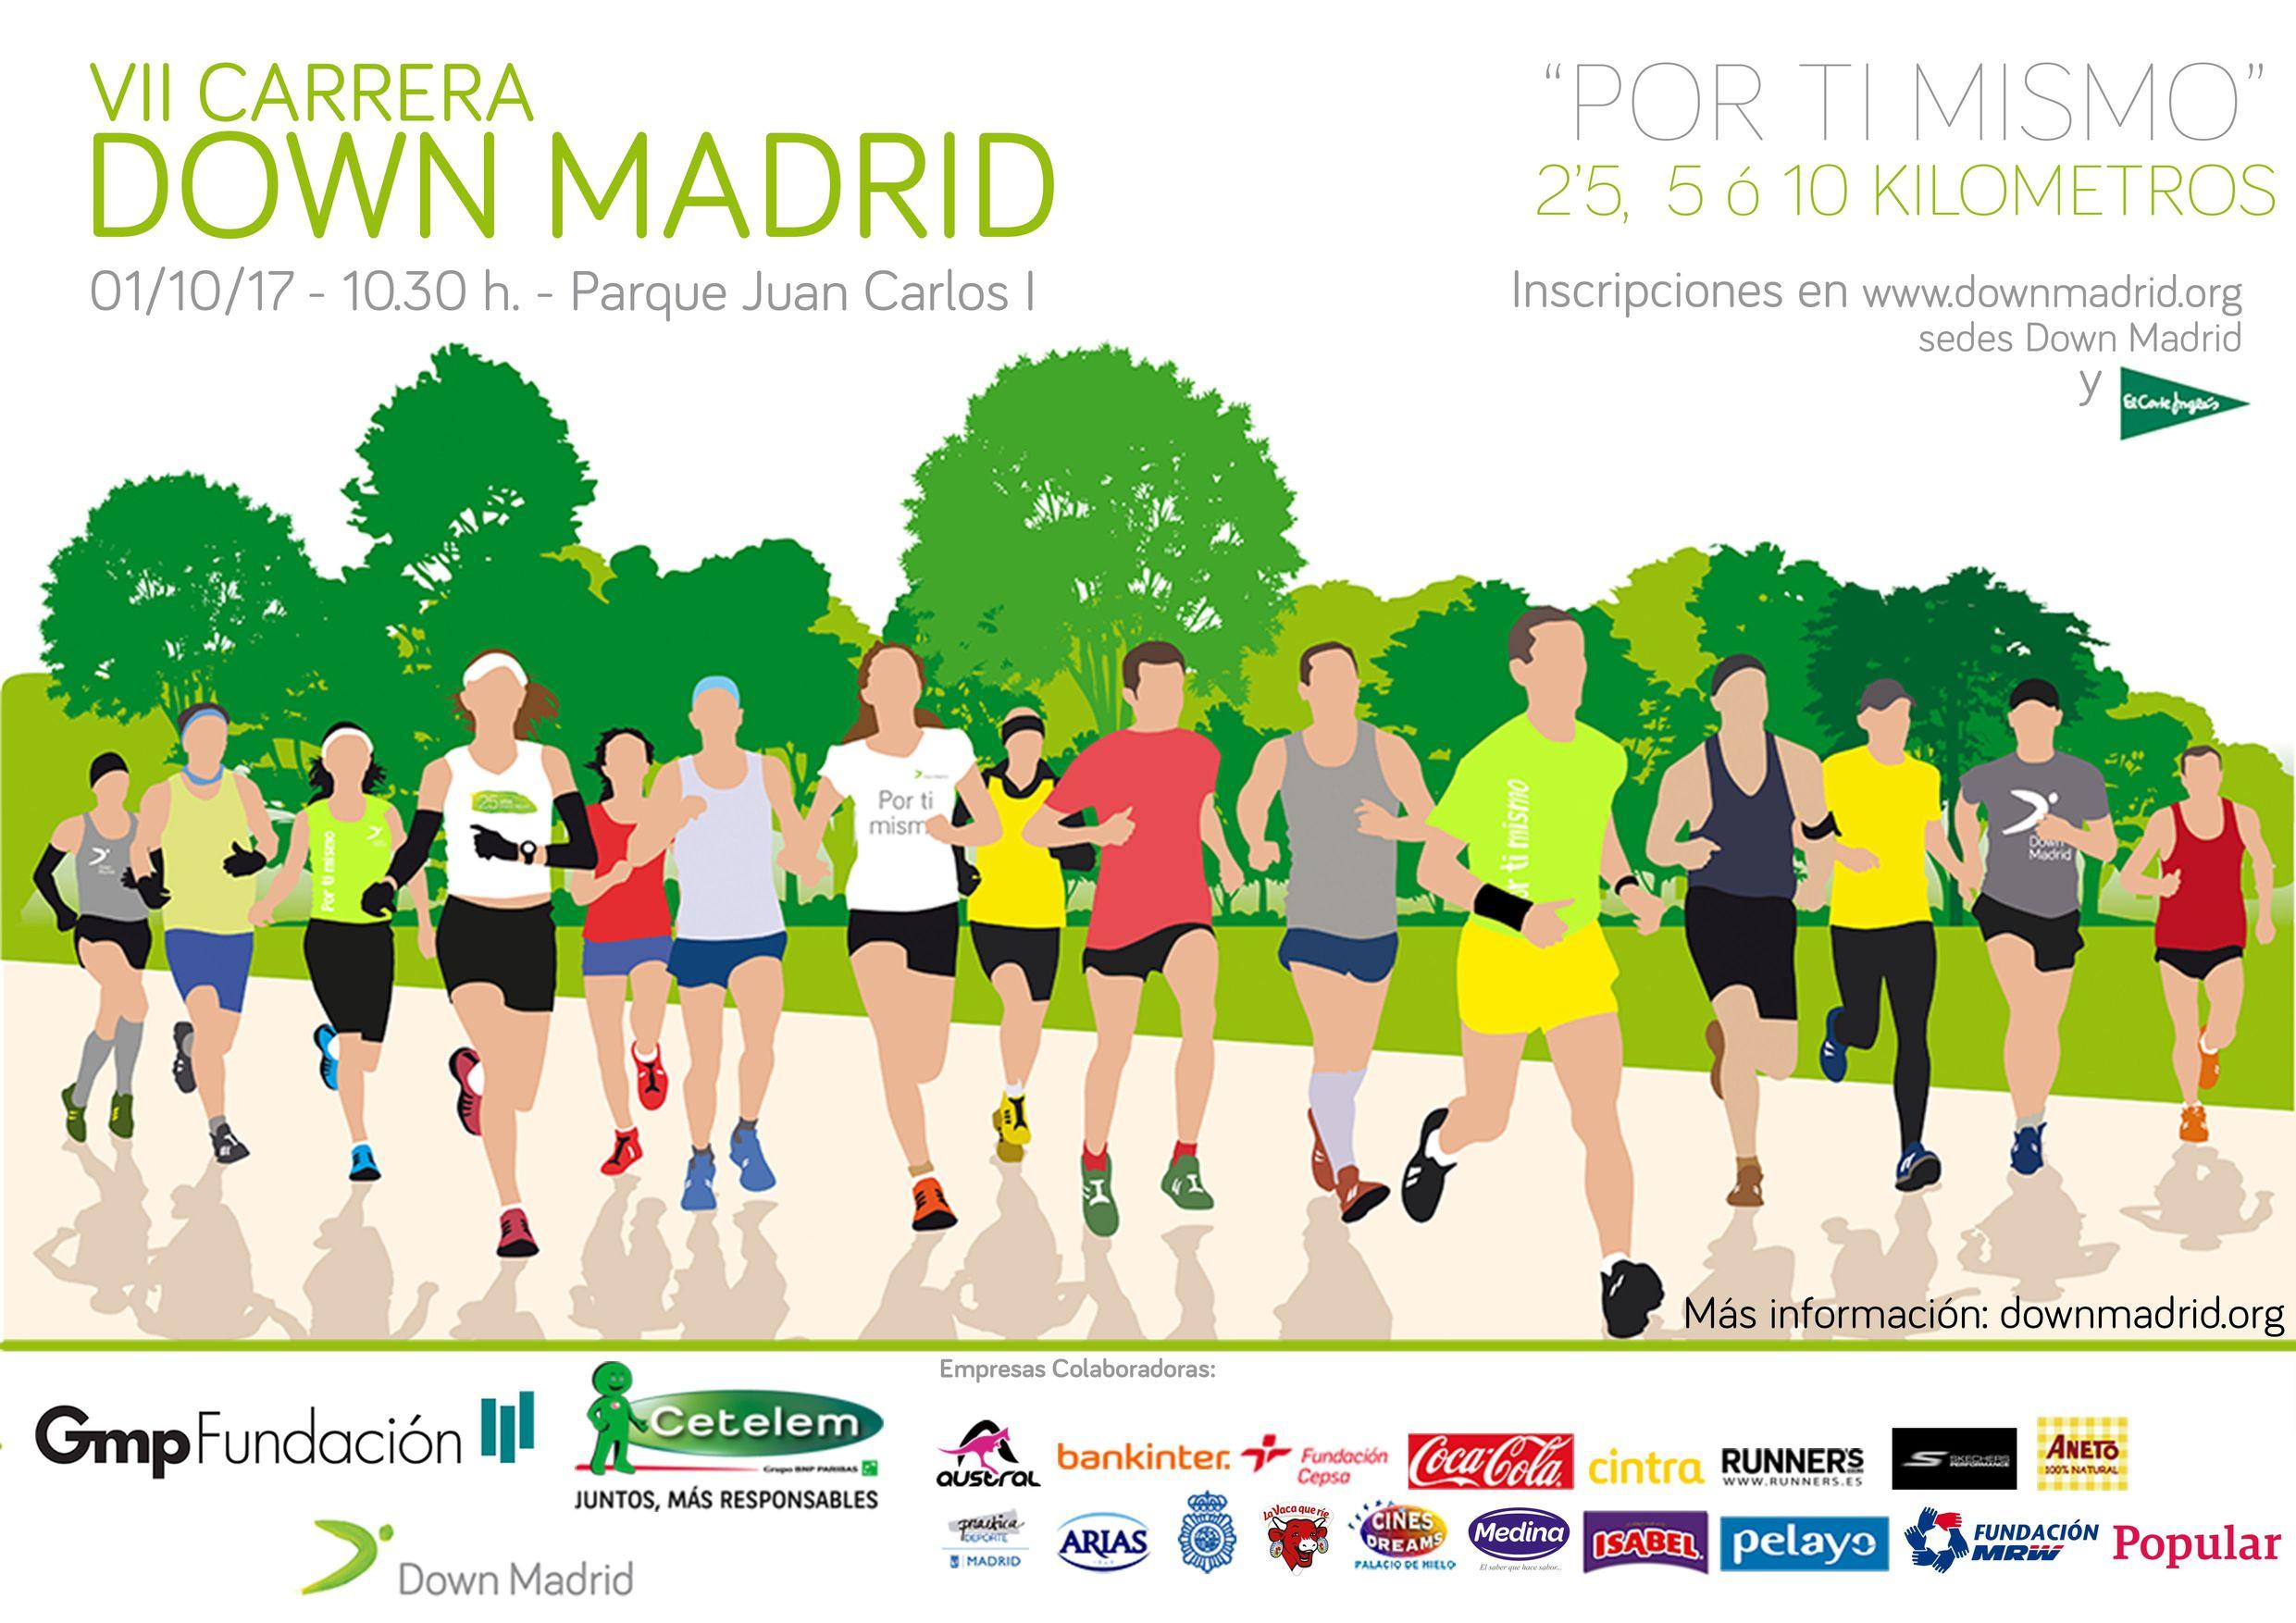 El 1 de octubre llega la carrera de Down Madrid